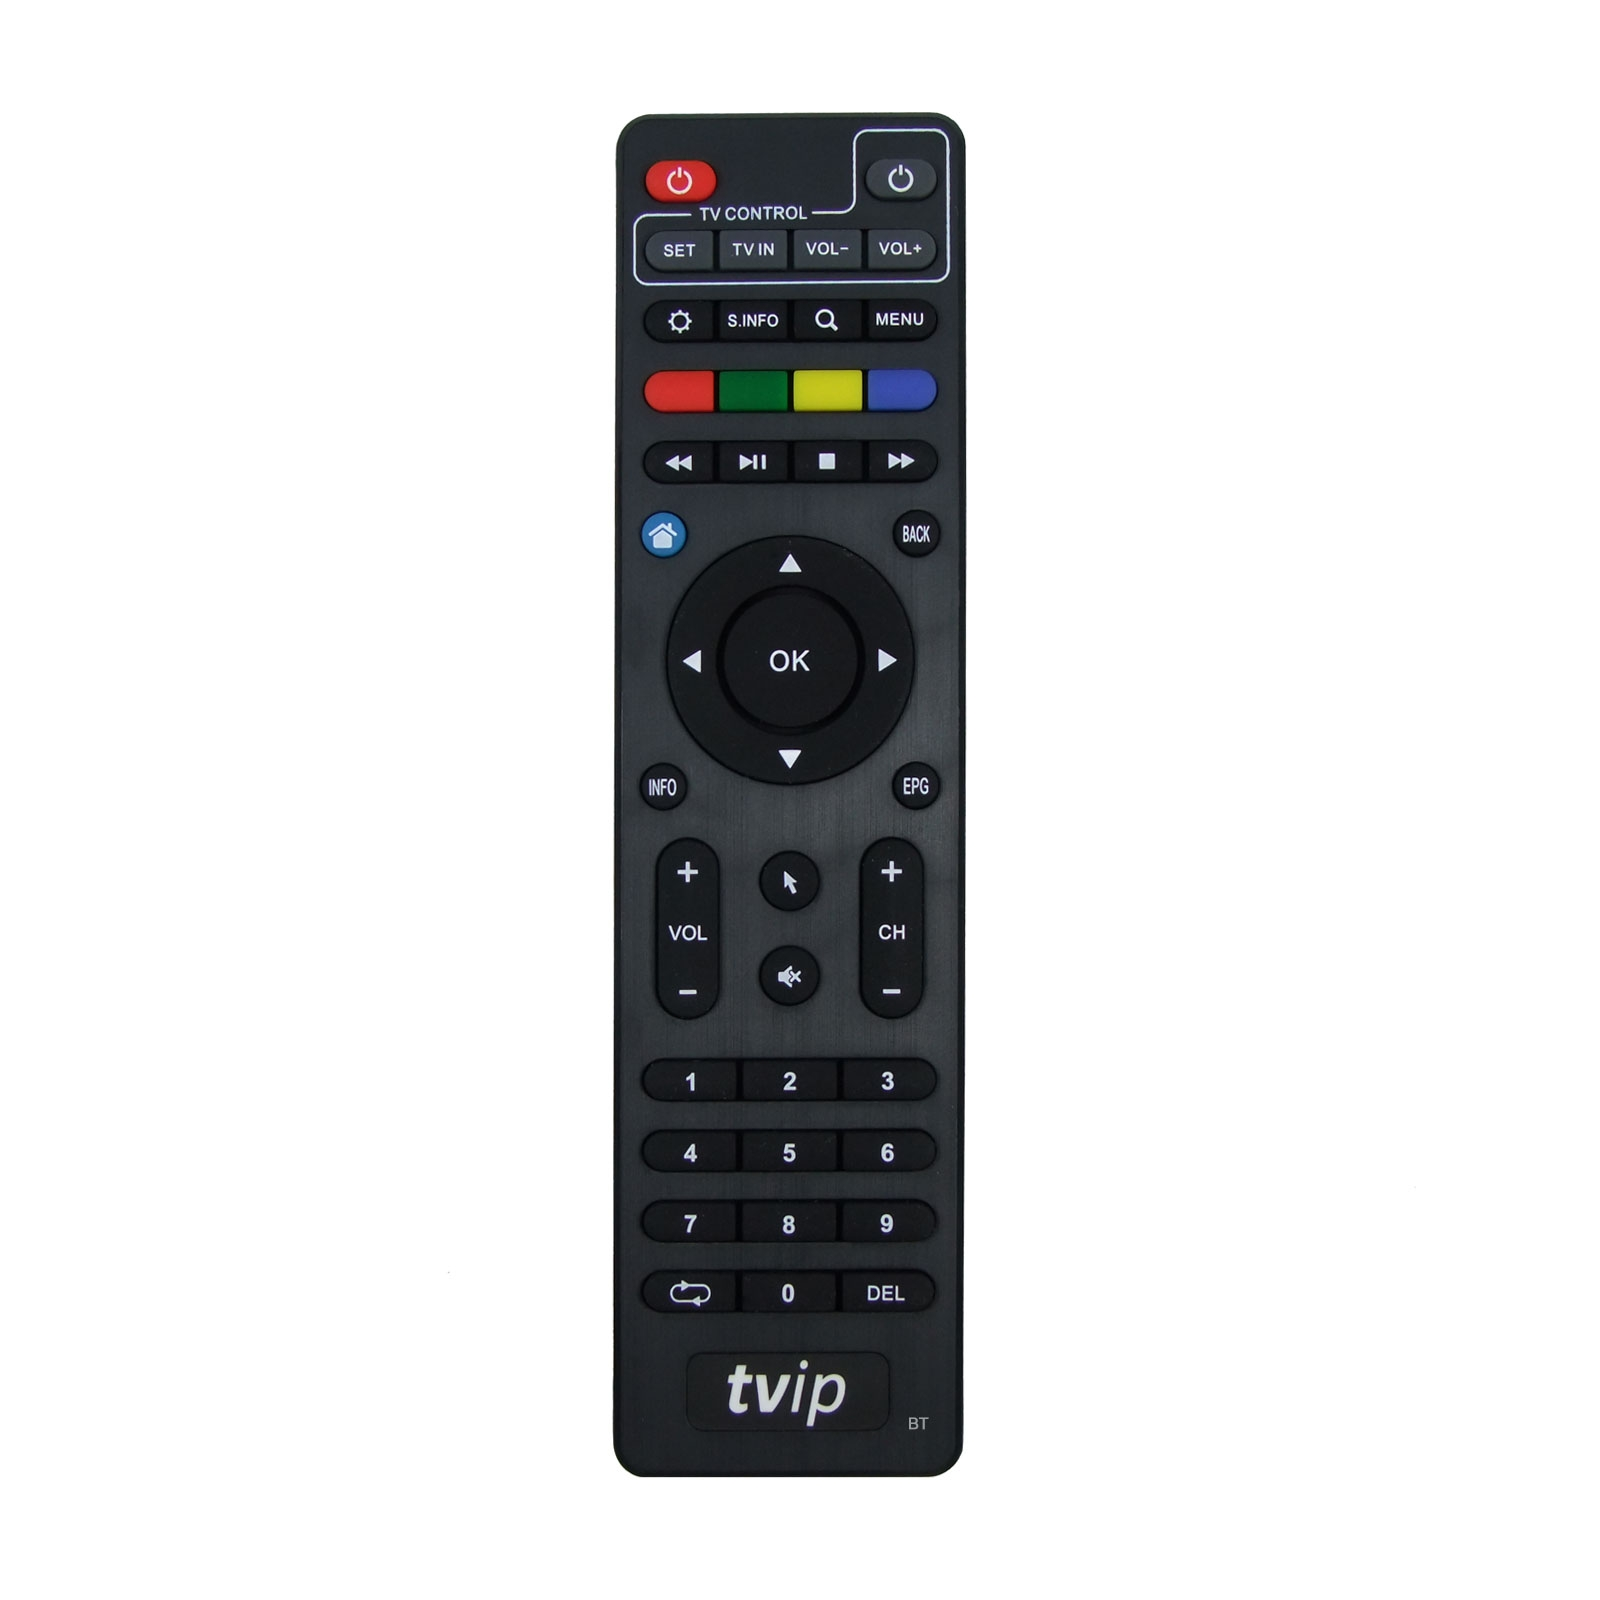 Fernbedienung für TVIP IPTV Boxen v.4xx v.6xx mit Bluetooth Funktion Schwarz